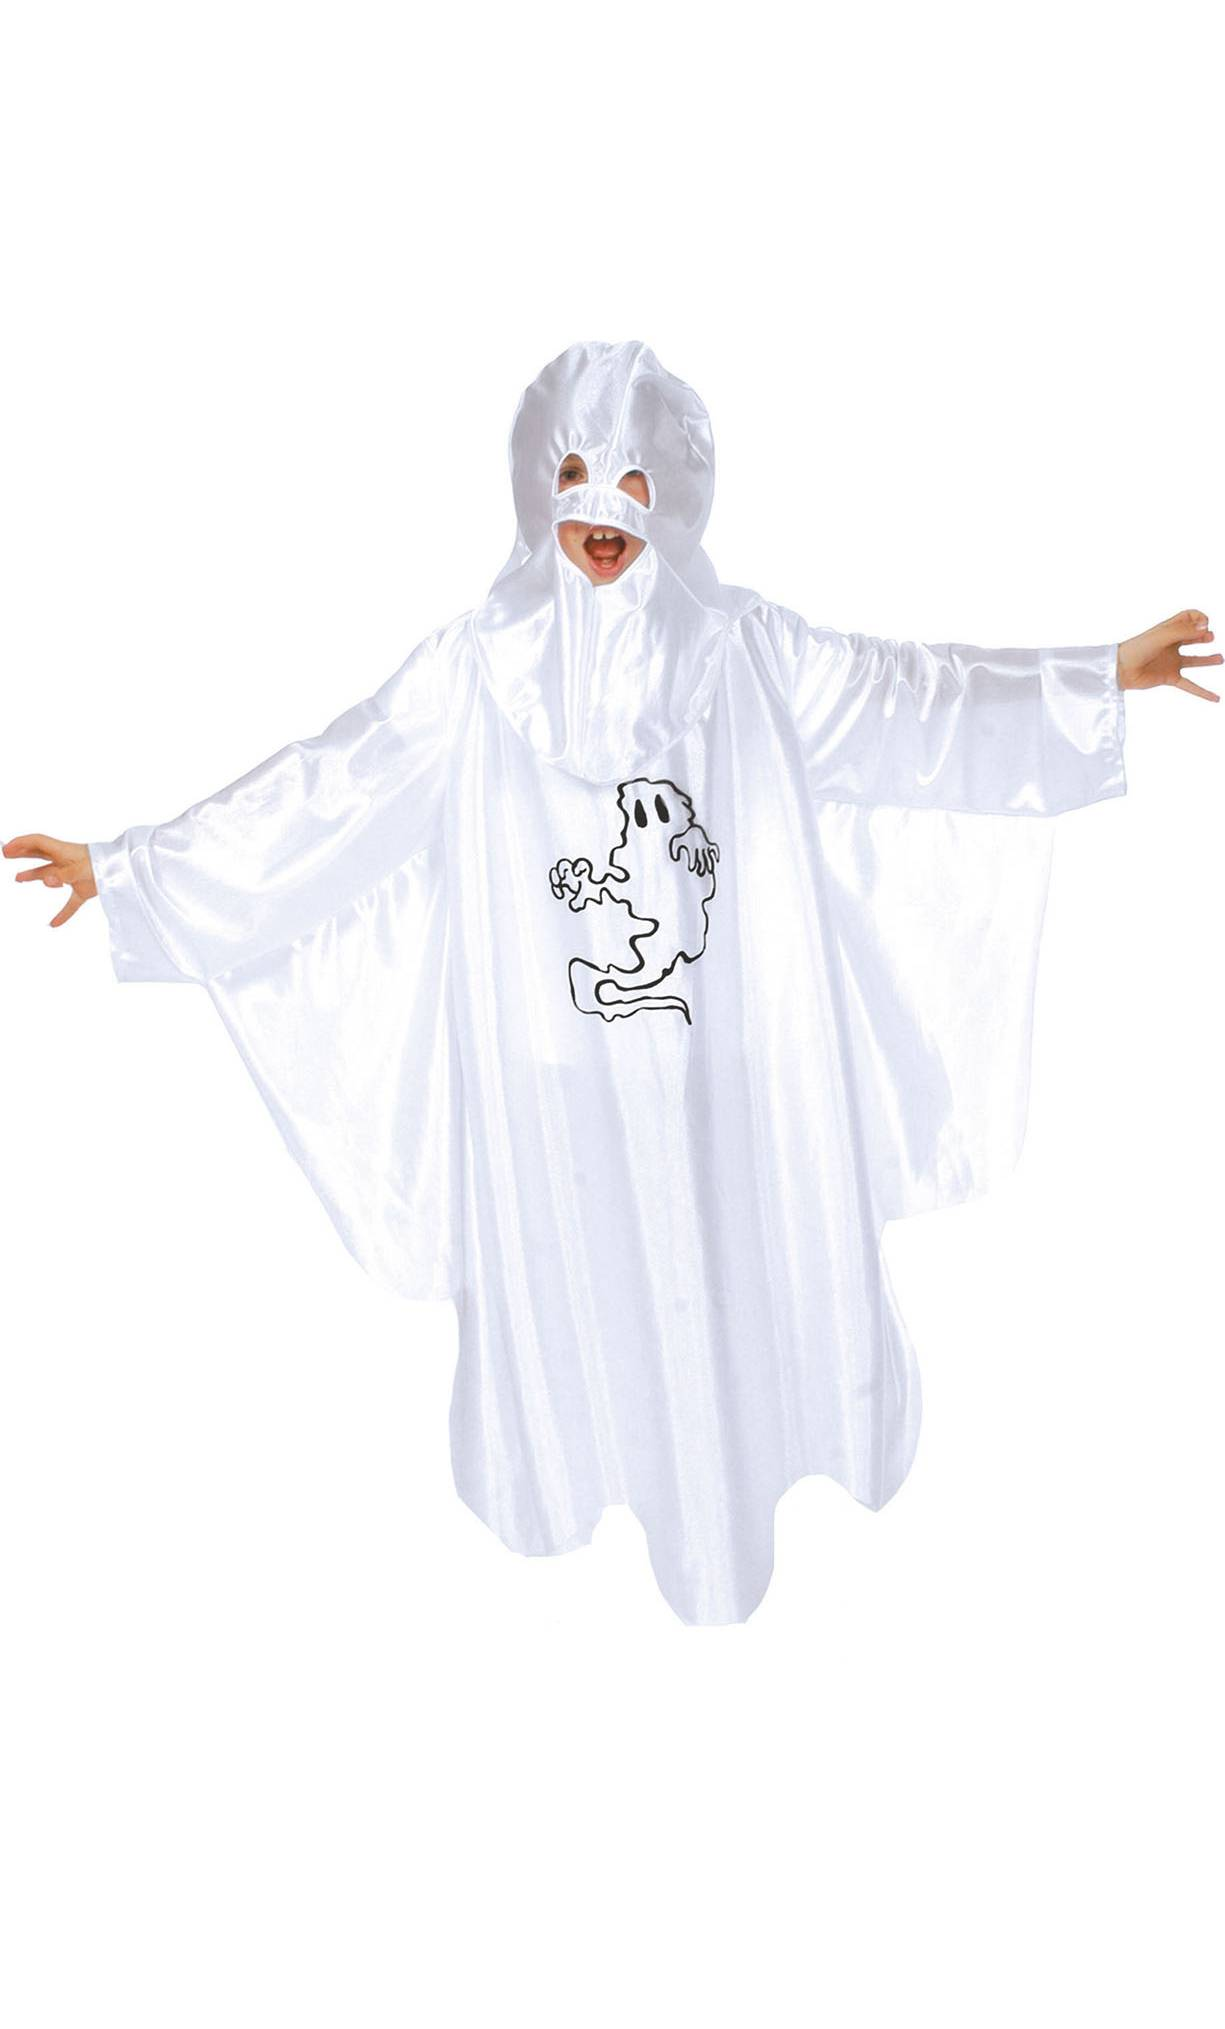 Costume-Fant�me-Enfant-pour-Halloween-2